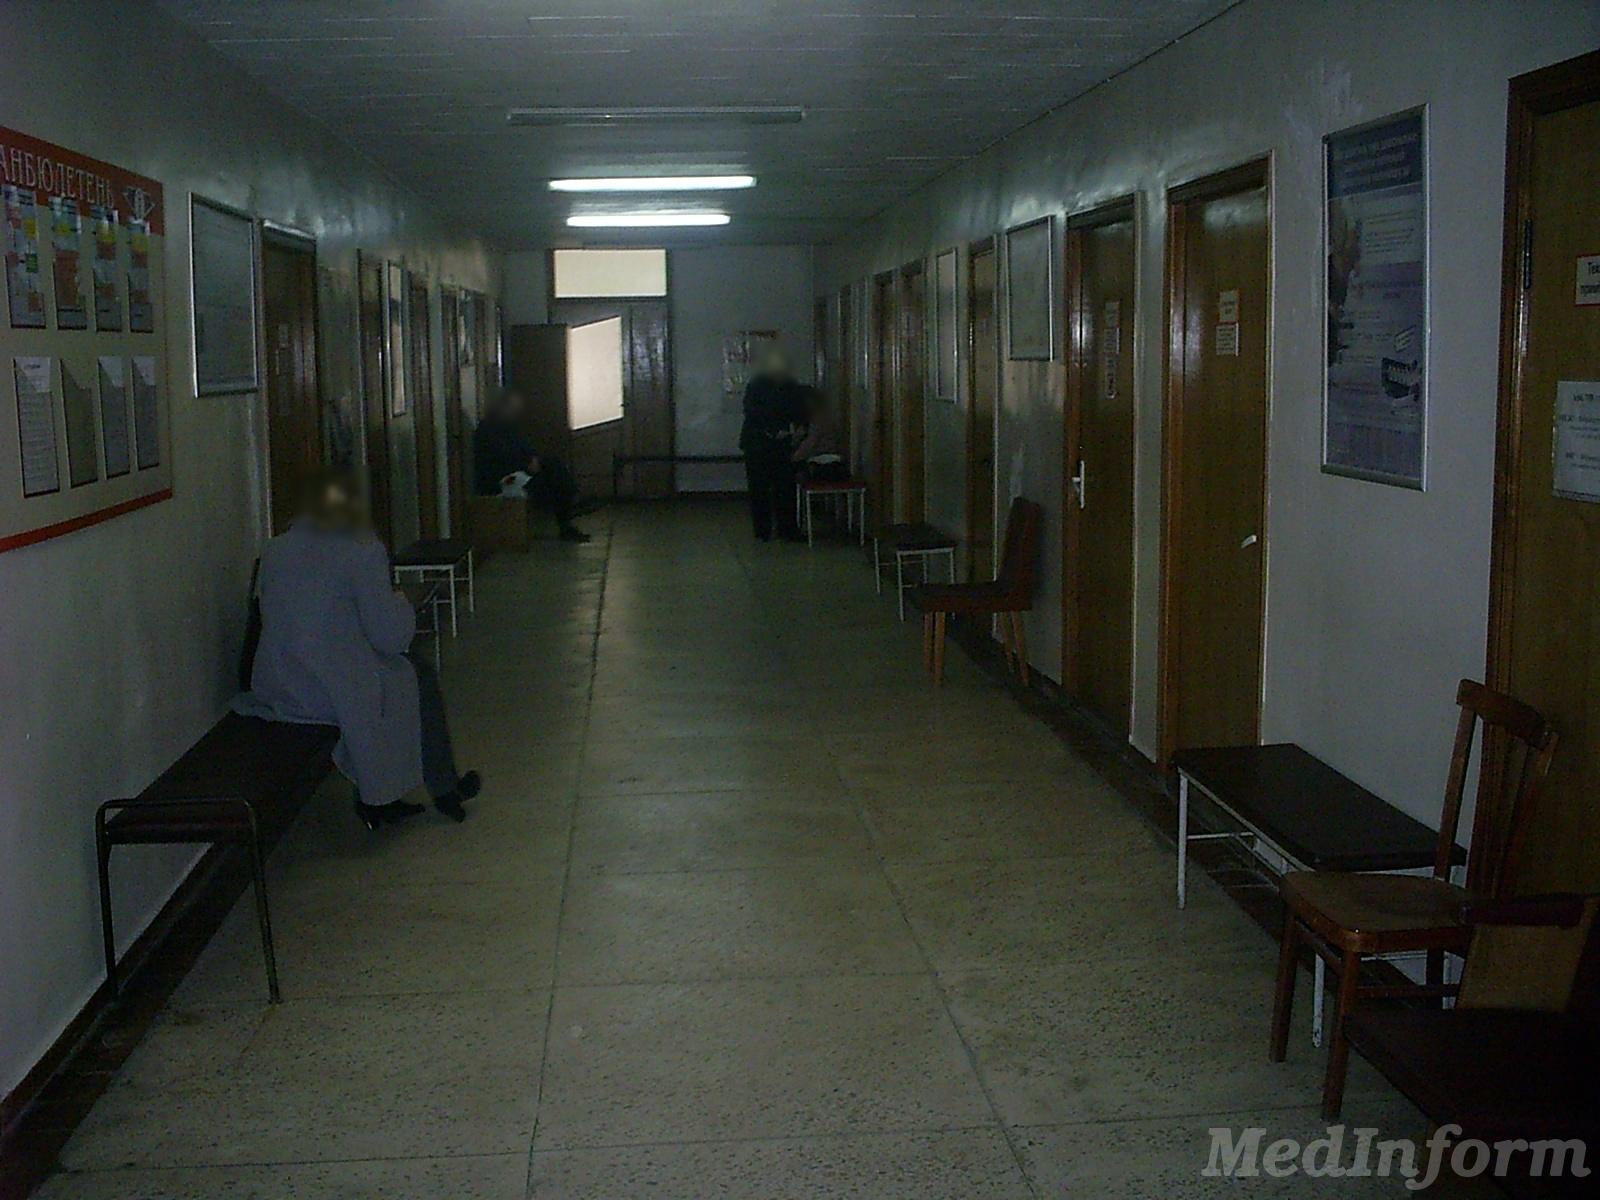 Поликлиника в баргузине телефон